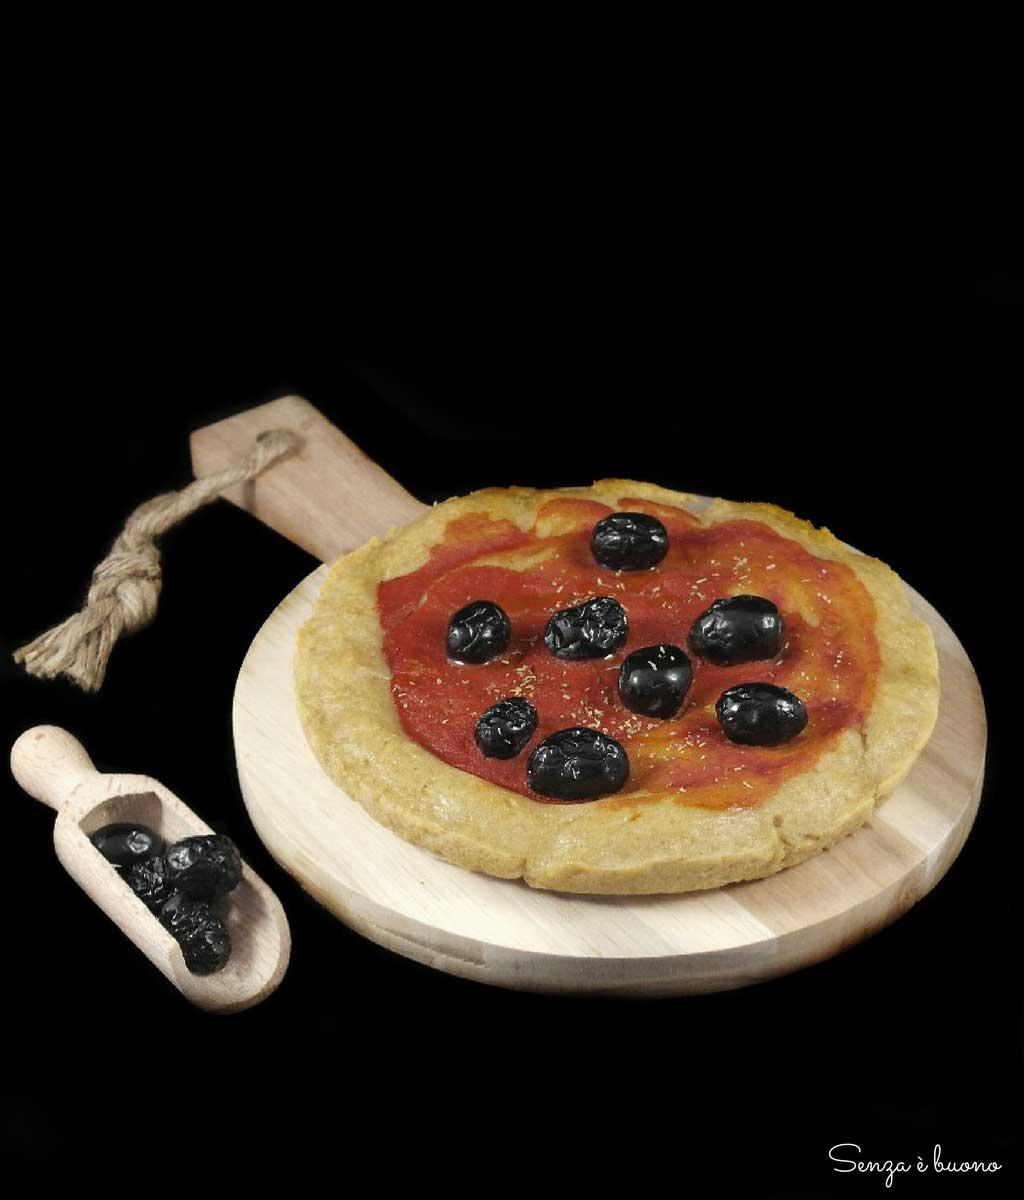 pizza senza glutine fatta in casa